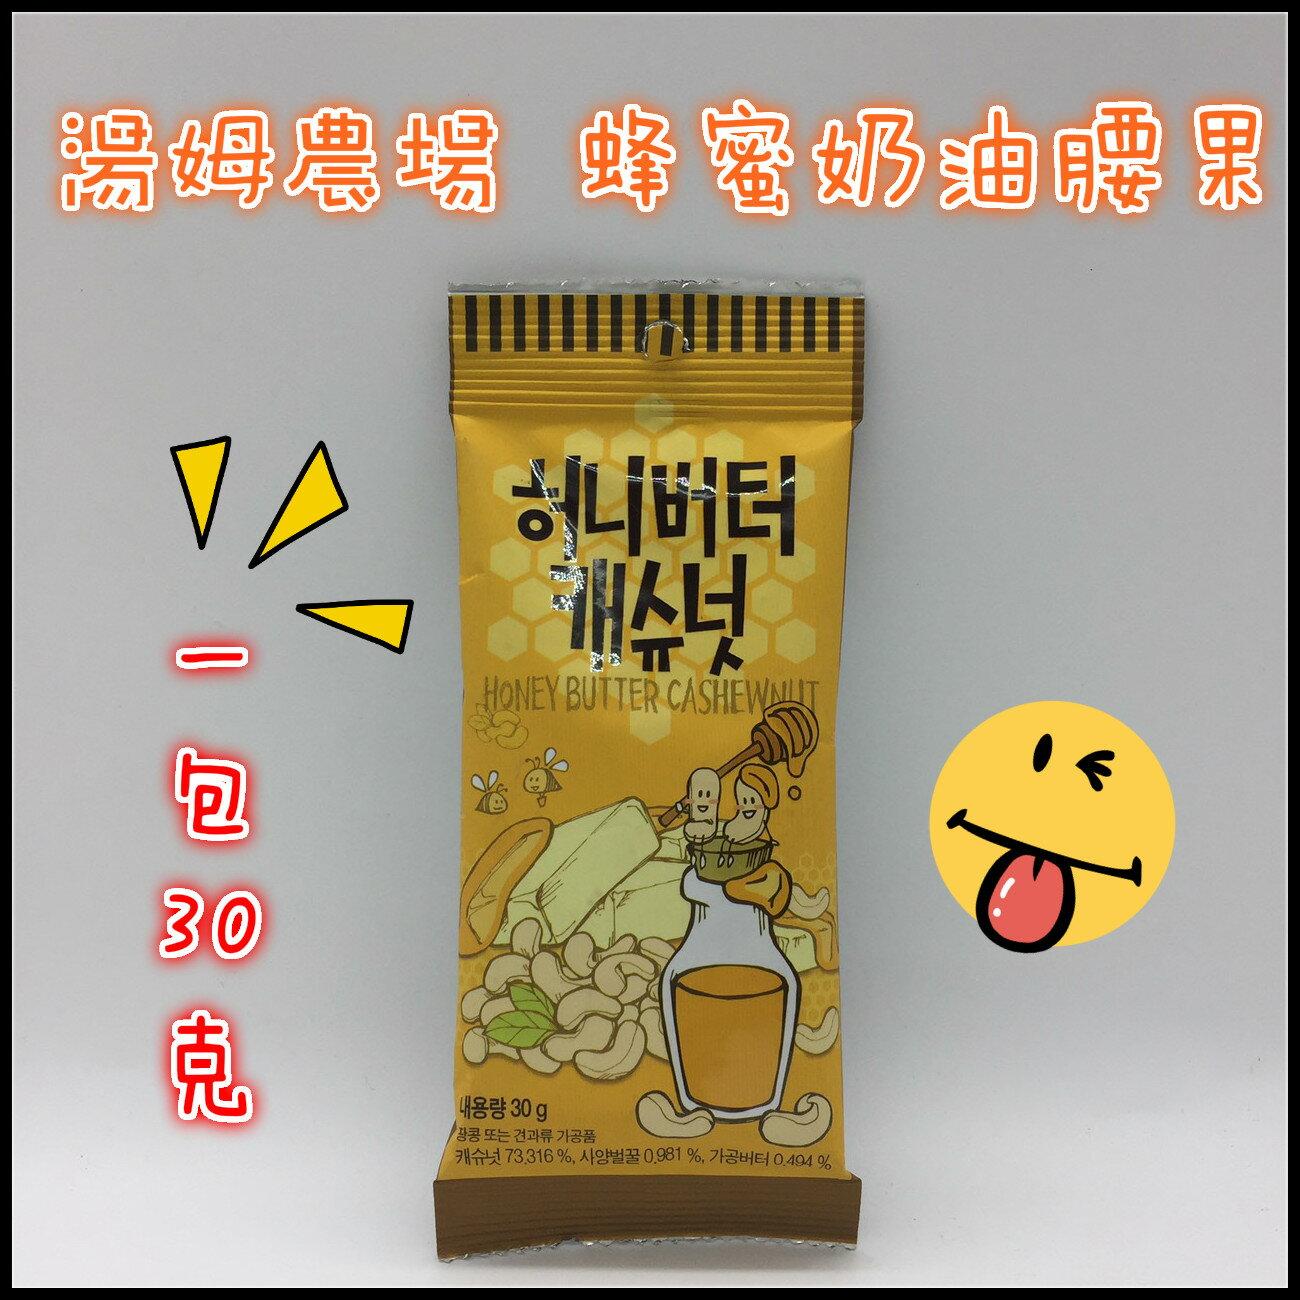 ❤含發票❤進口零食❤湯姆農場❤蜂蜜奶油腰果❤一包30克❤韓國進口 零食 點心 餅乾 糖果❤